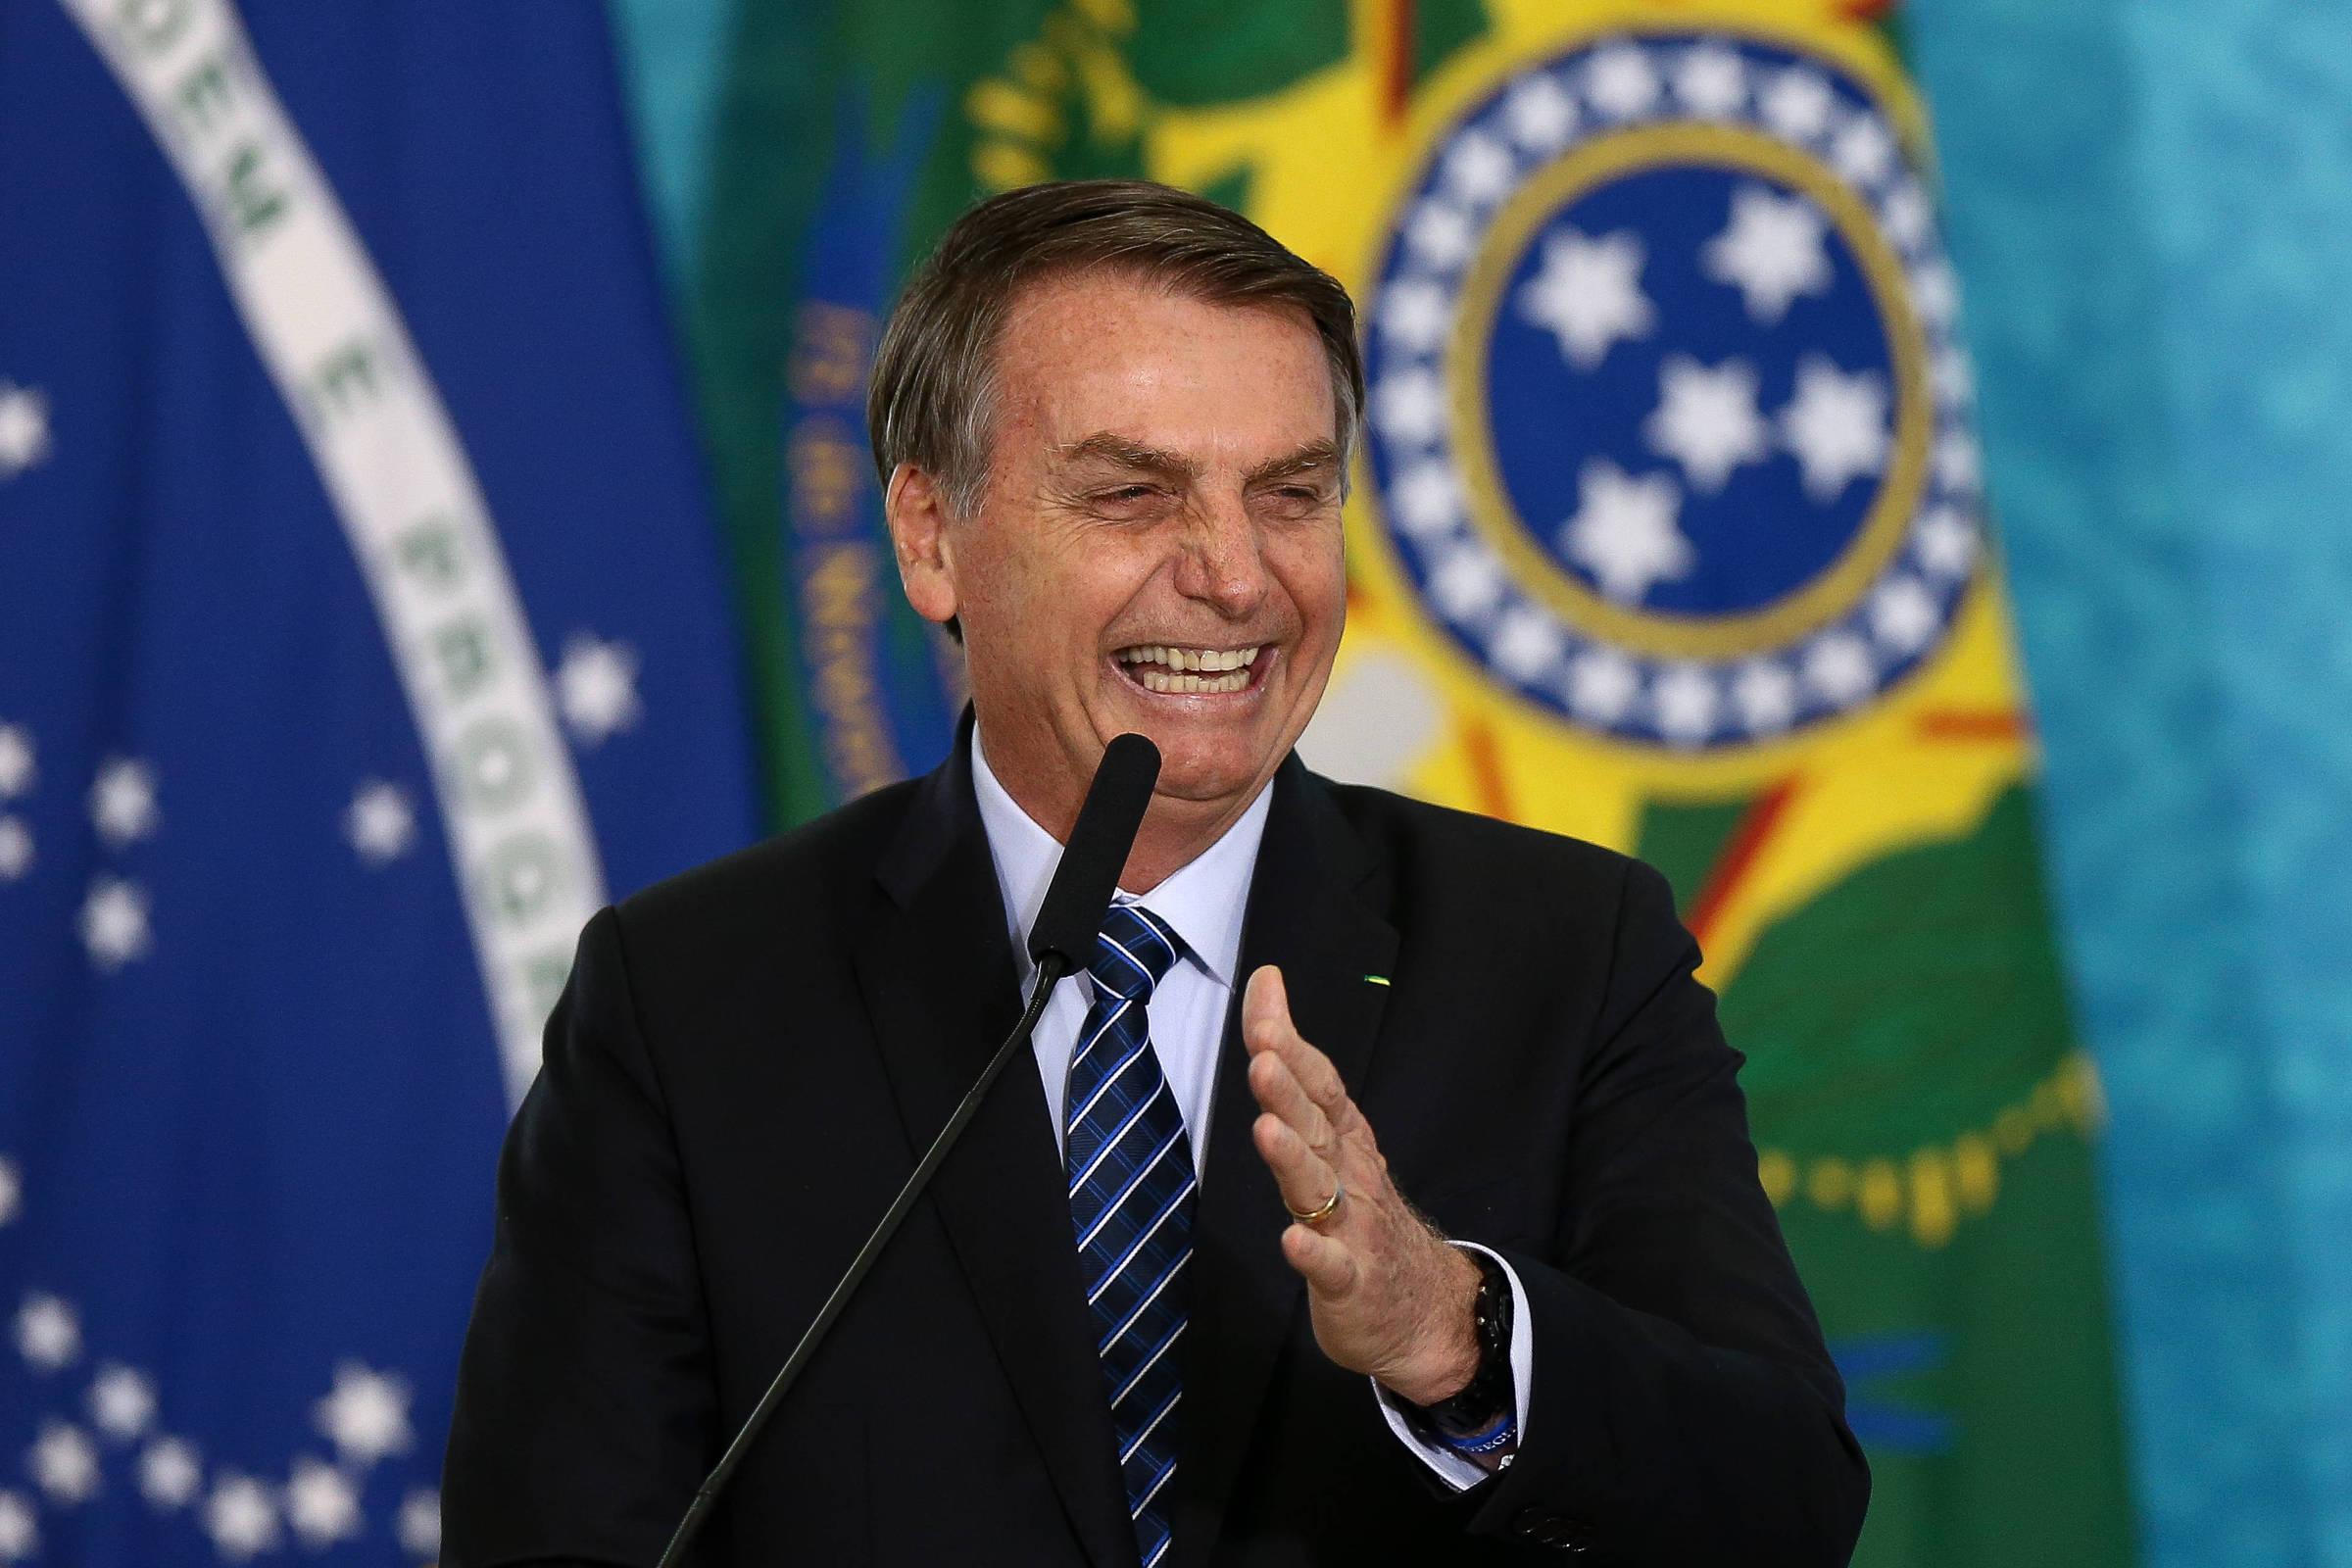 Crise no partido | Bolsonaro busca saída jurídica para deixar PSL sem prejudicar aliados